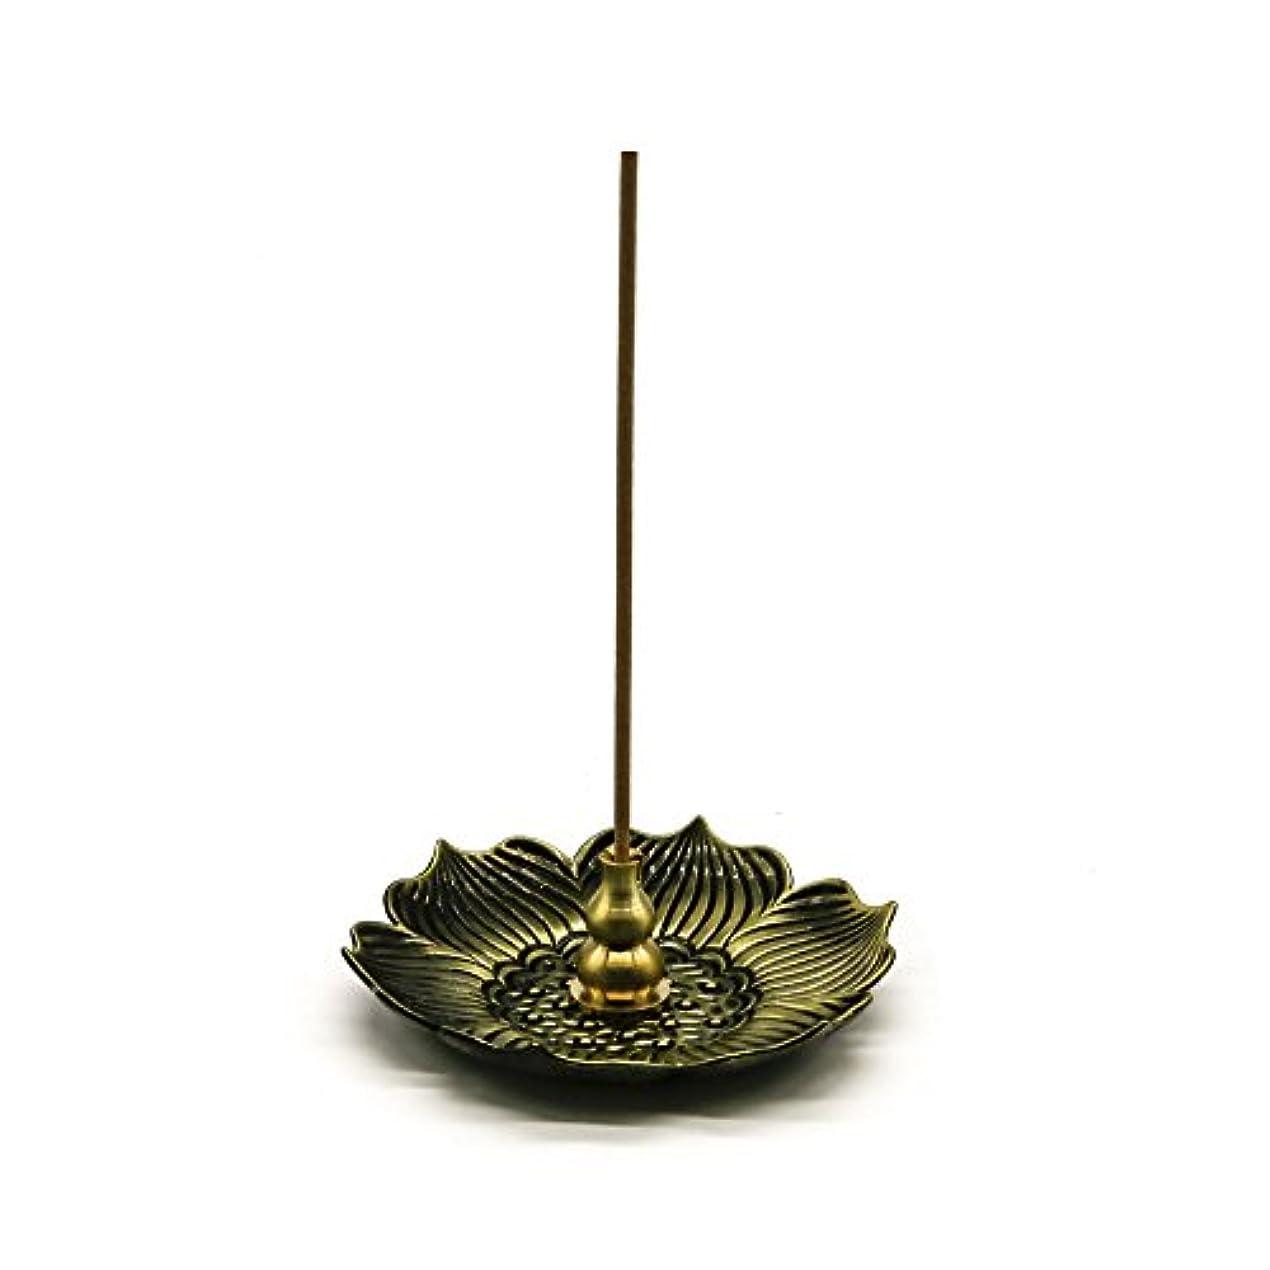 走るキルス語omonicブロンズLotus Dish Stick Incense Burnerホルダー(スティック/コーン/コイルIncense )アロマセラピー炉Diffuser forホームインテリア